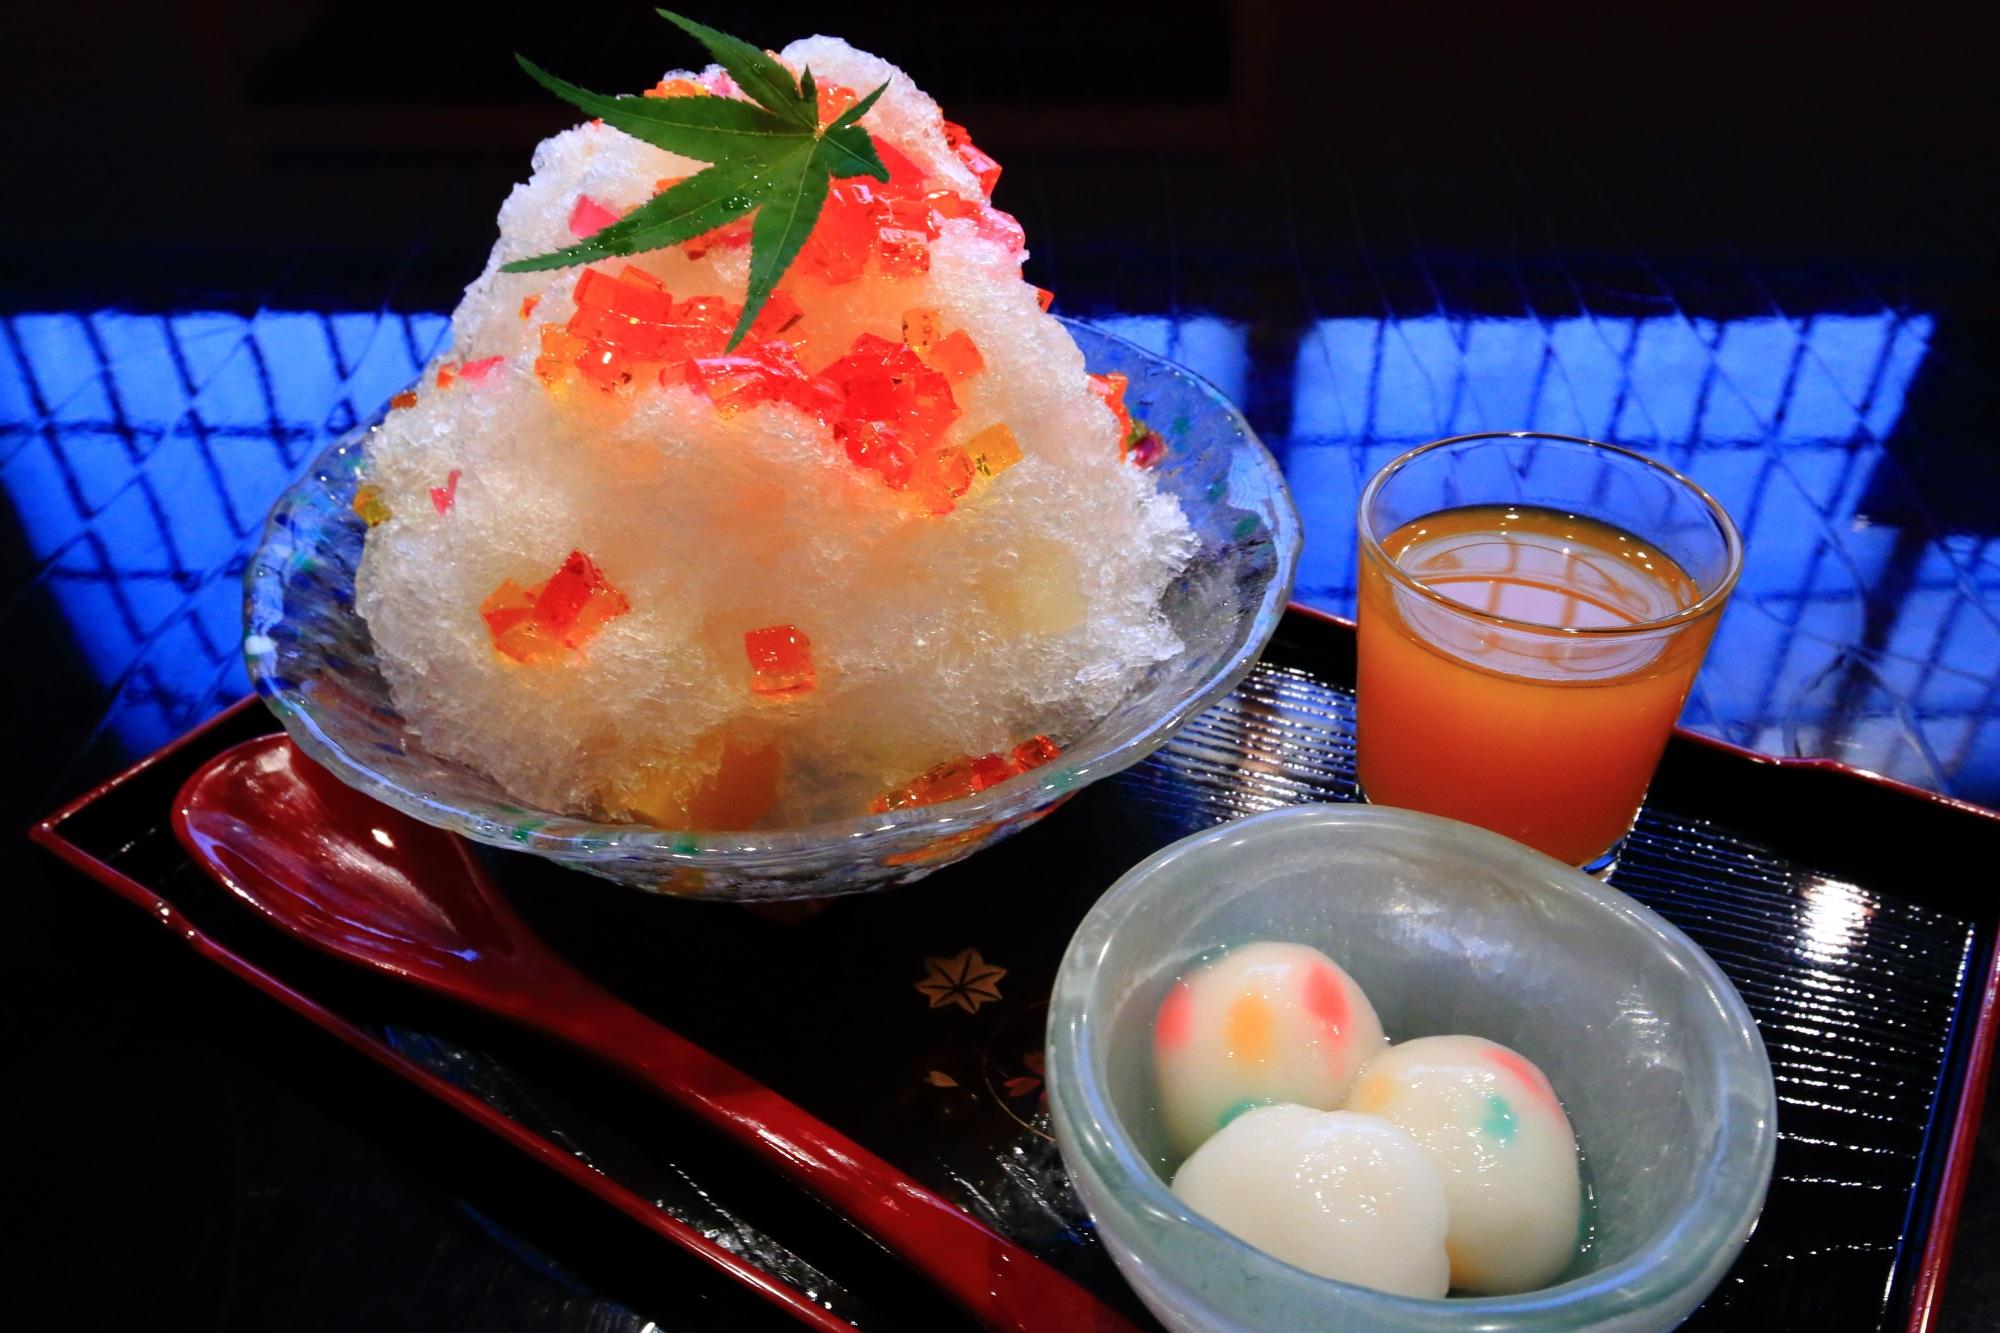 祇園の甘味処ぎおん楽楽のあめちゃんみたいなかき氷(税込900円)